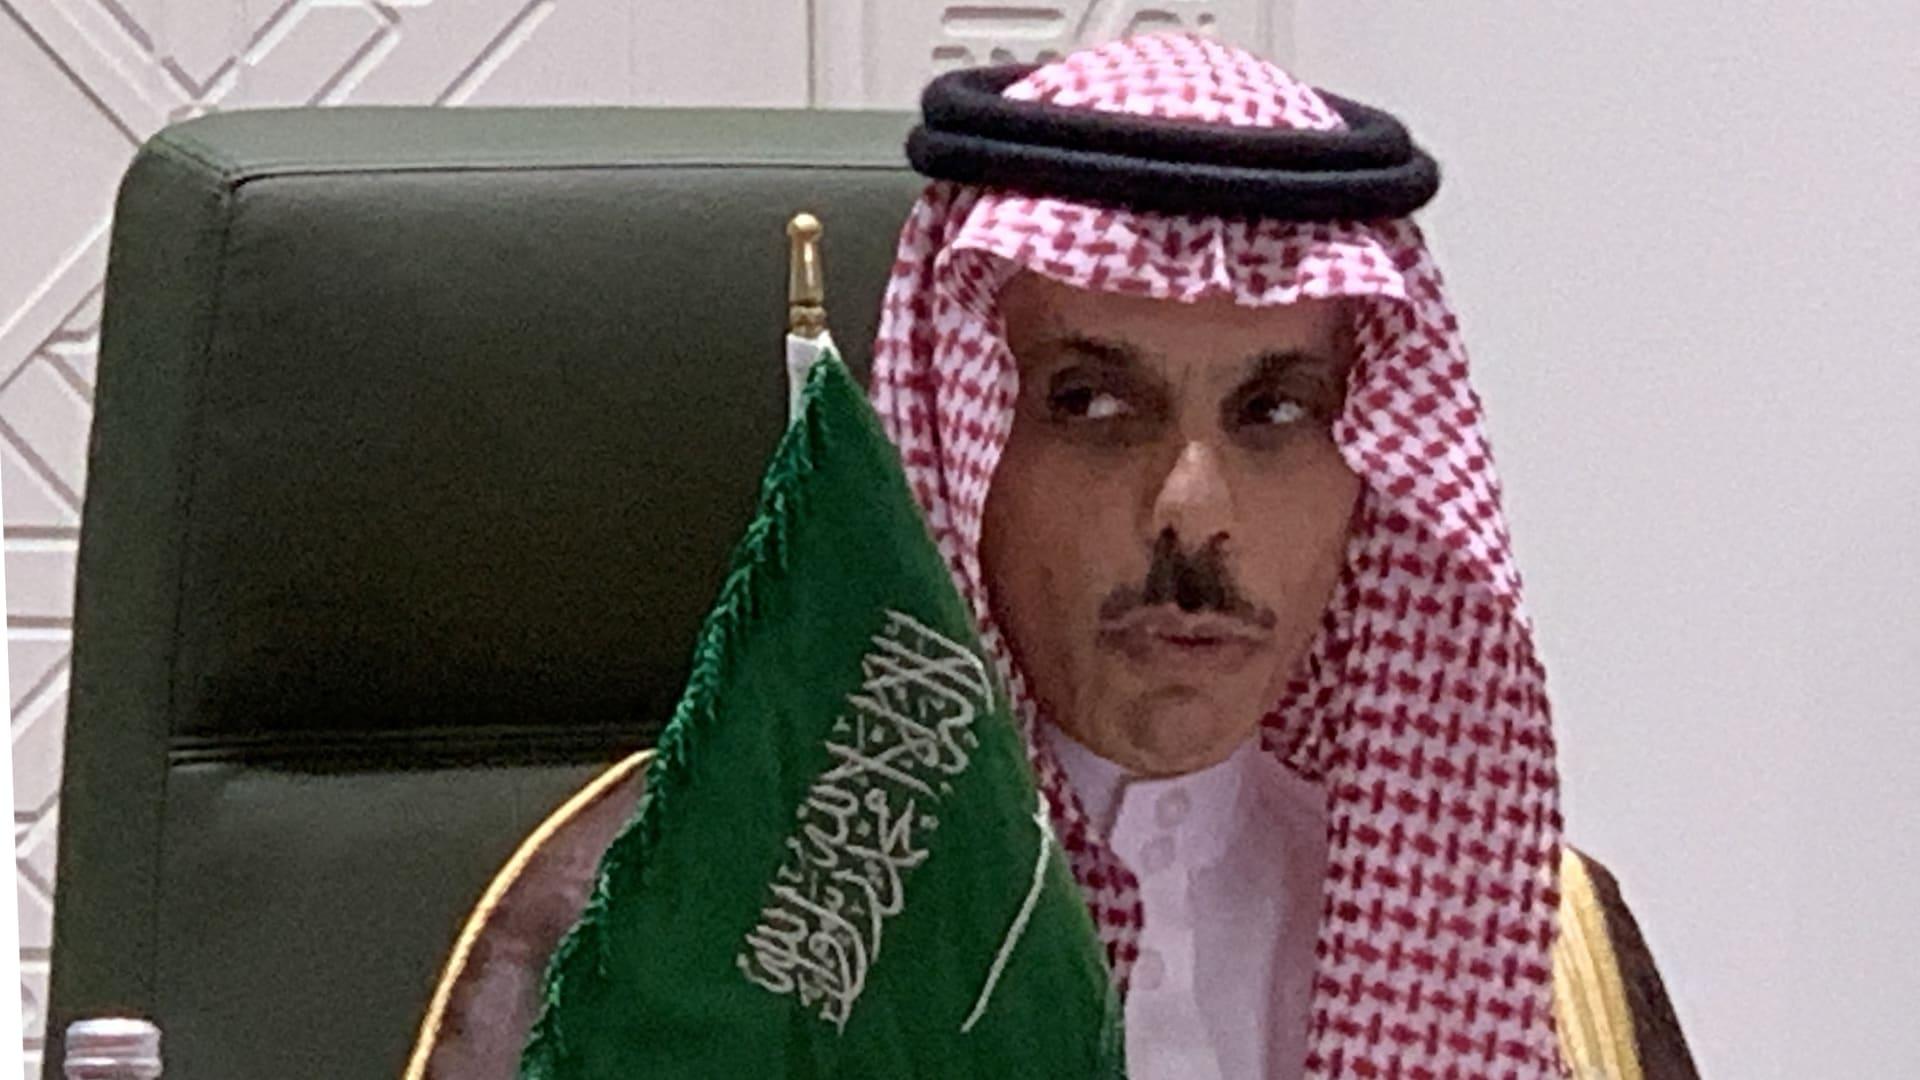 وزير الخارجية السعودي يحمل حزب الله مسؤولية مشاكل لبنان ويشدد على شرط تقديم المساعدات